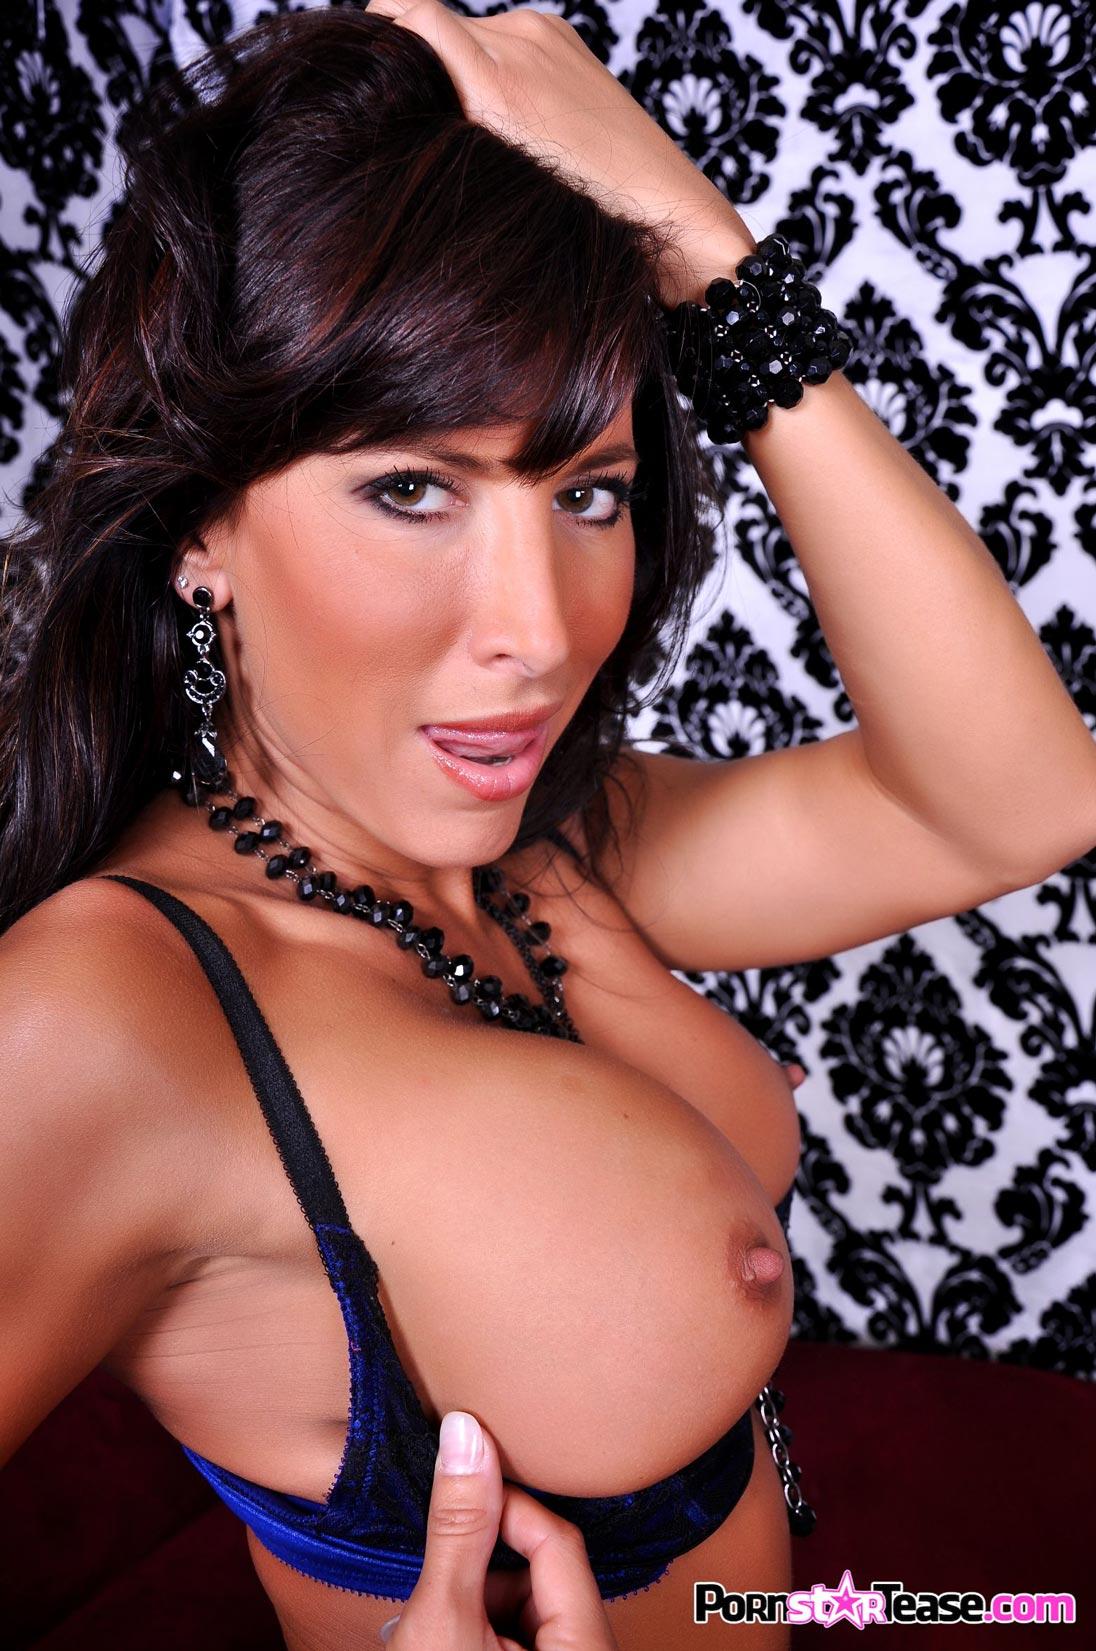 free hd porn tube hq xxx movies amp high definition sex videos